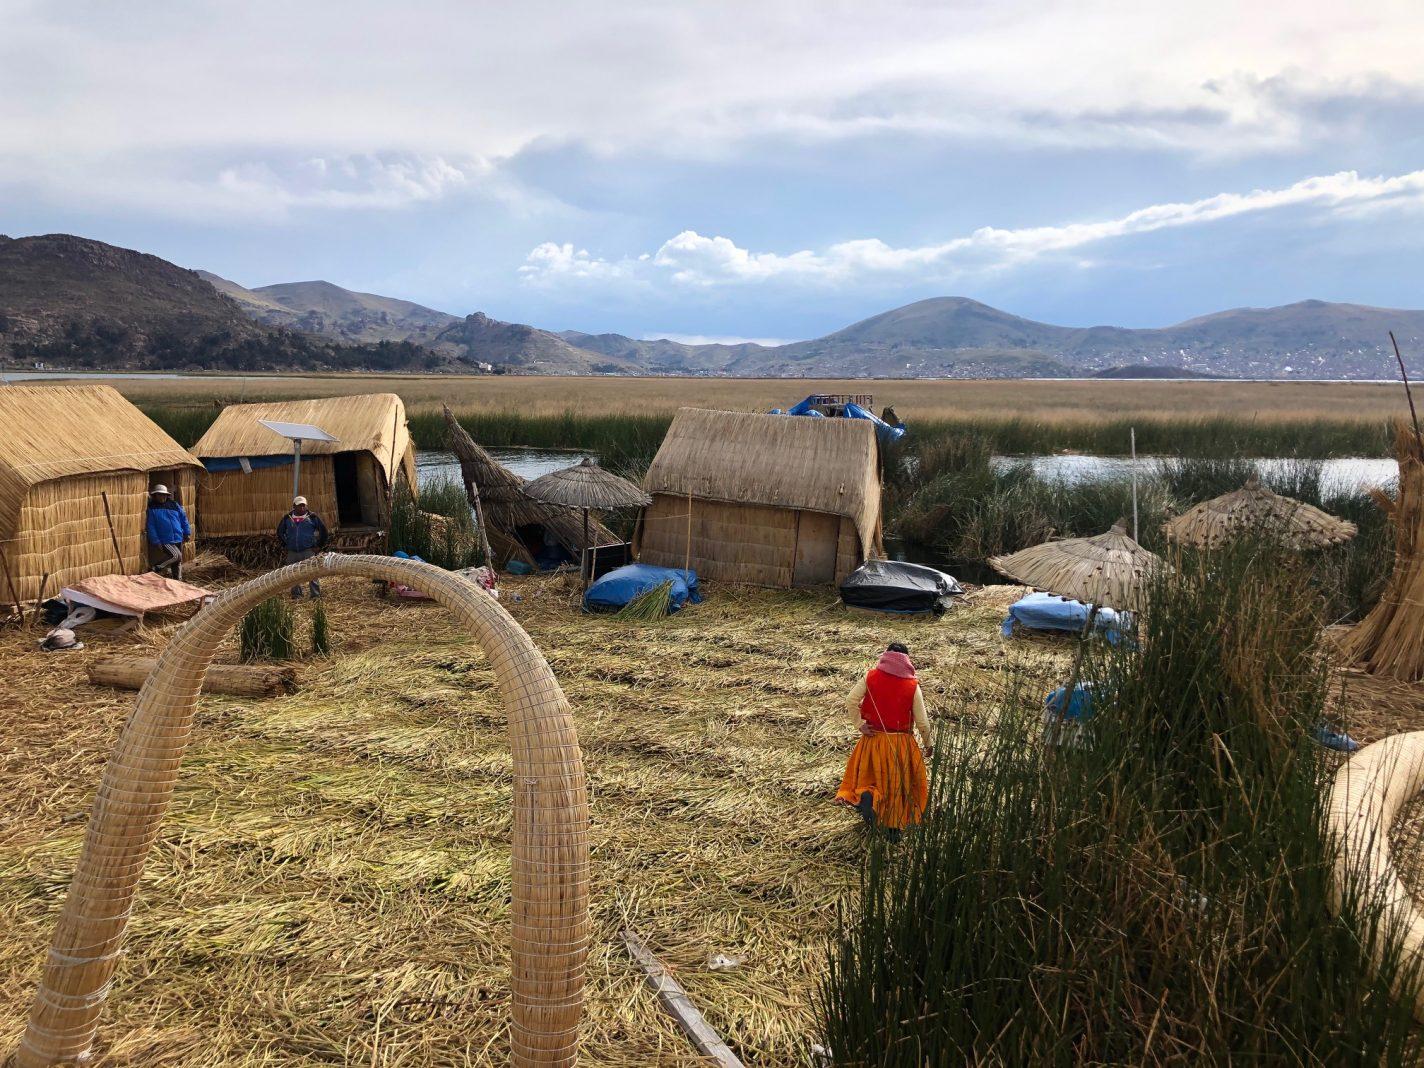 Drijvende eilanden Puno - reisblog over Peru